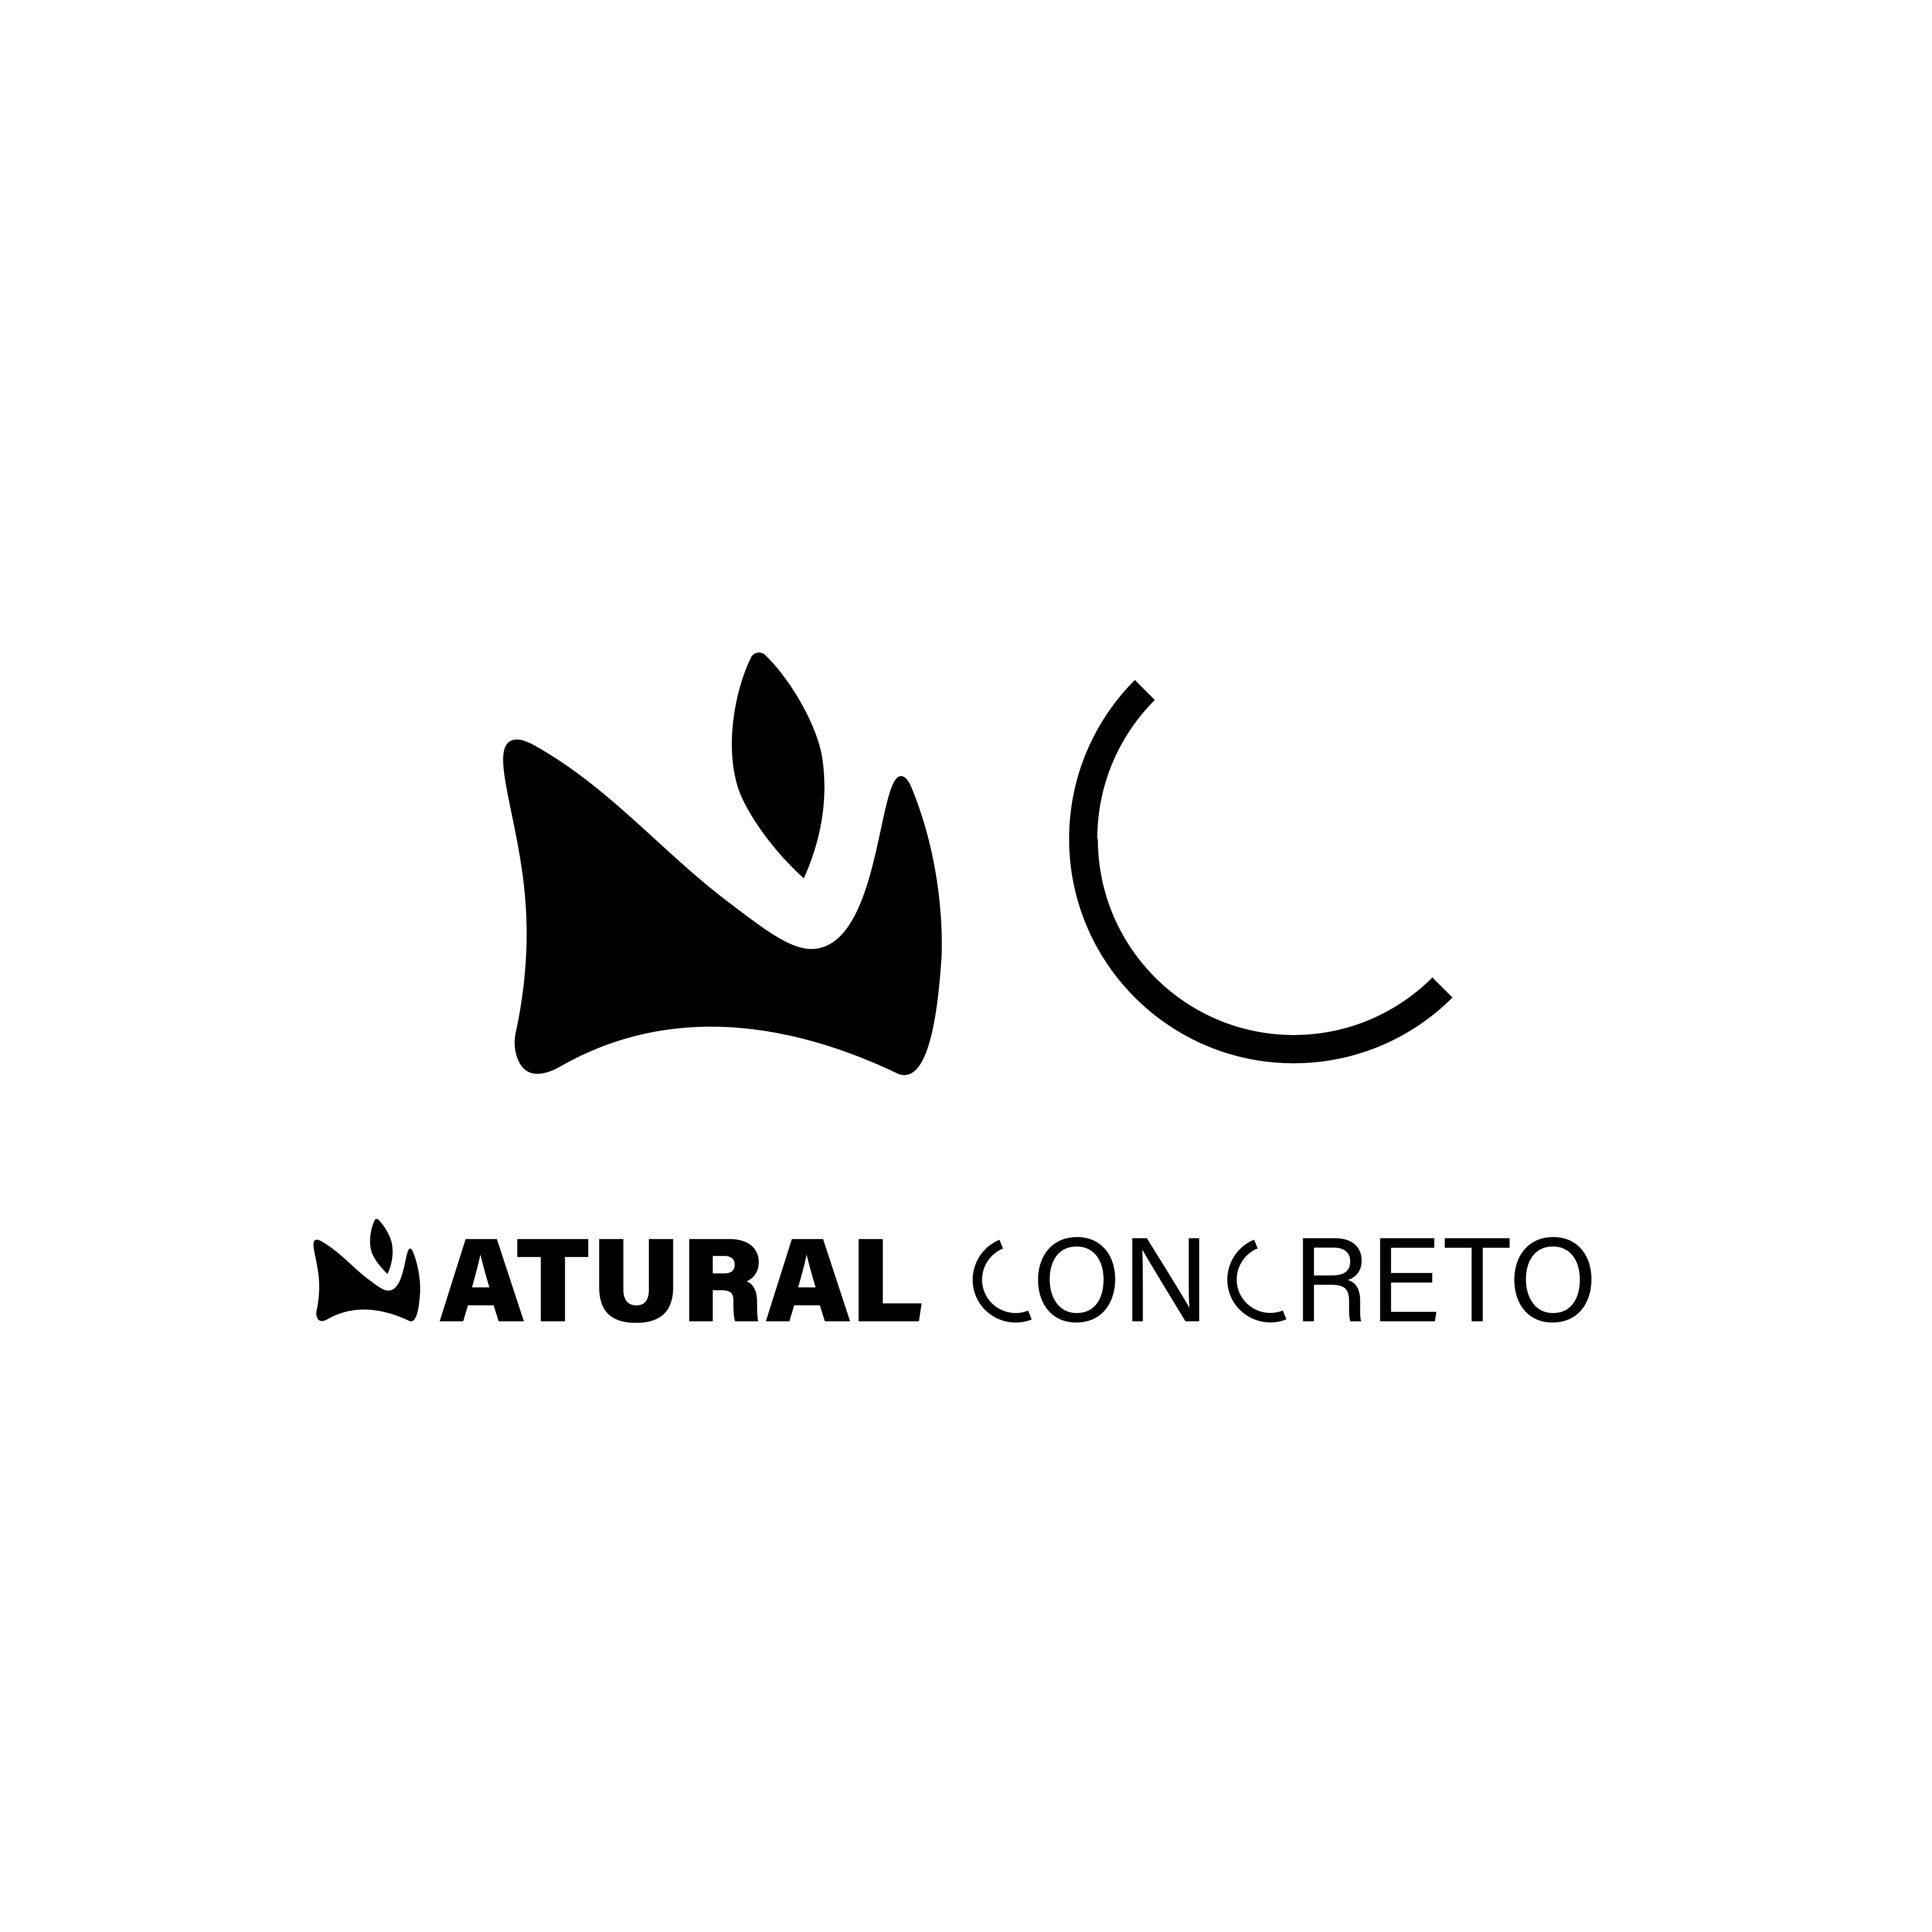 Natural Concreto